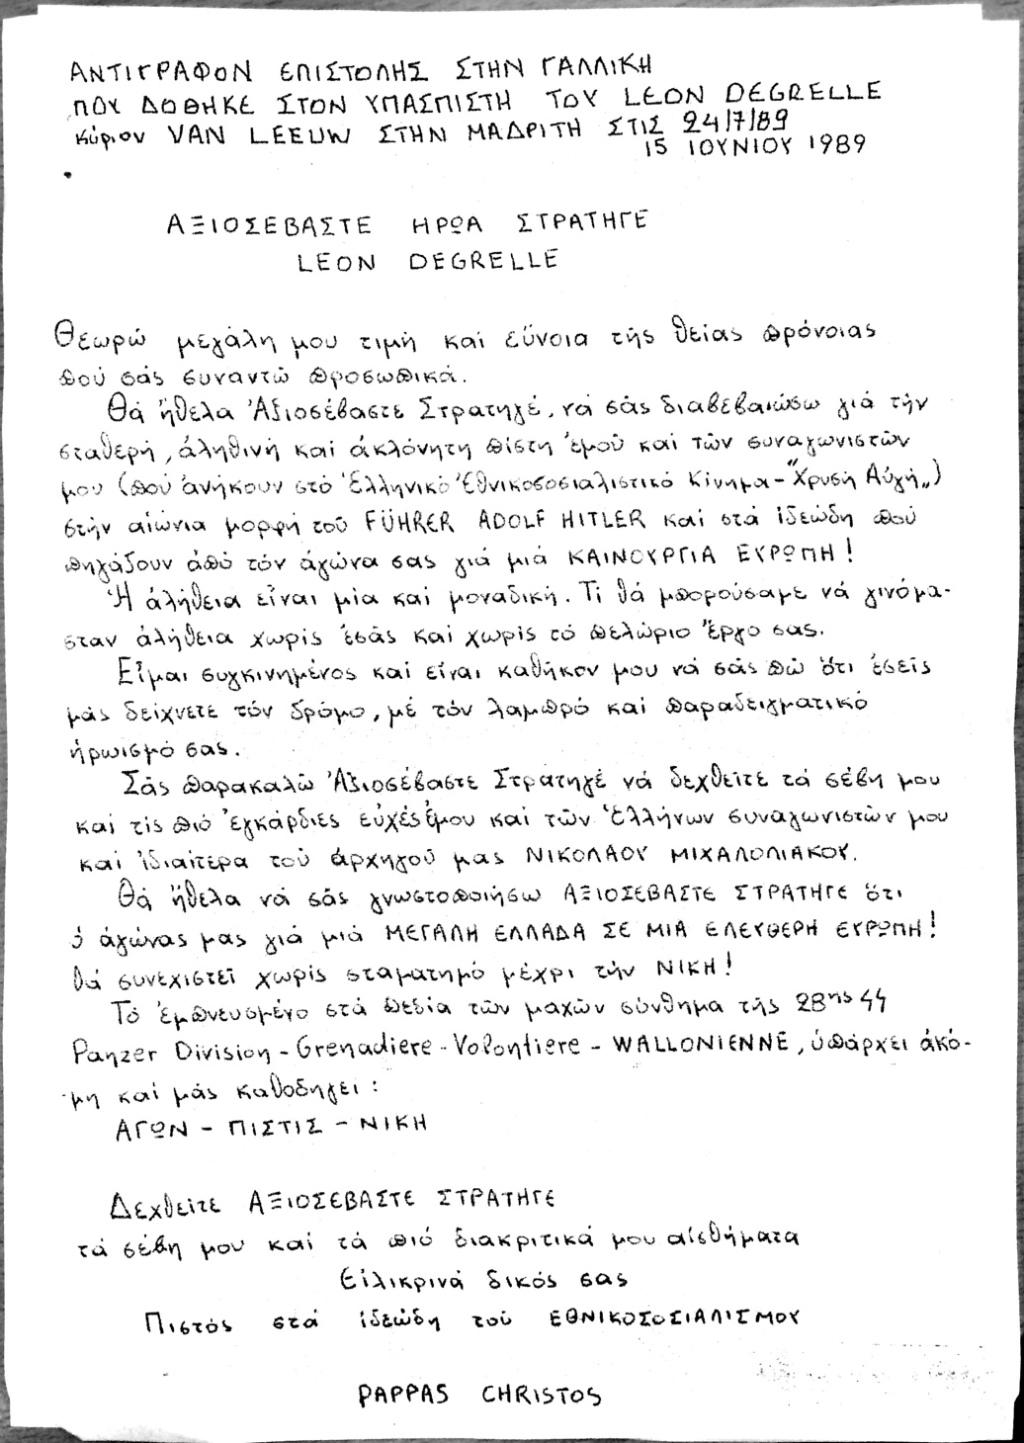 Αλληλογραφία με τον γρέοντα Waffen SS Leon Degrelle.